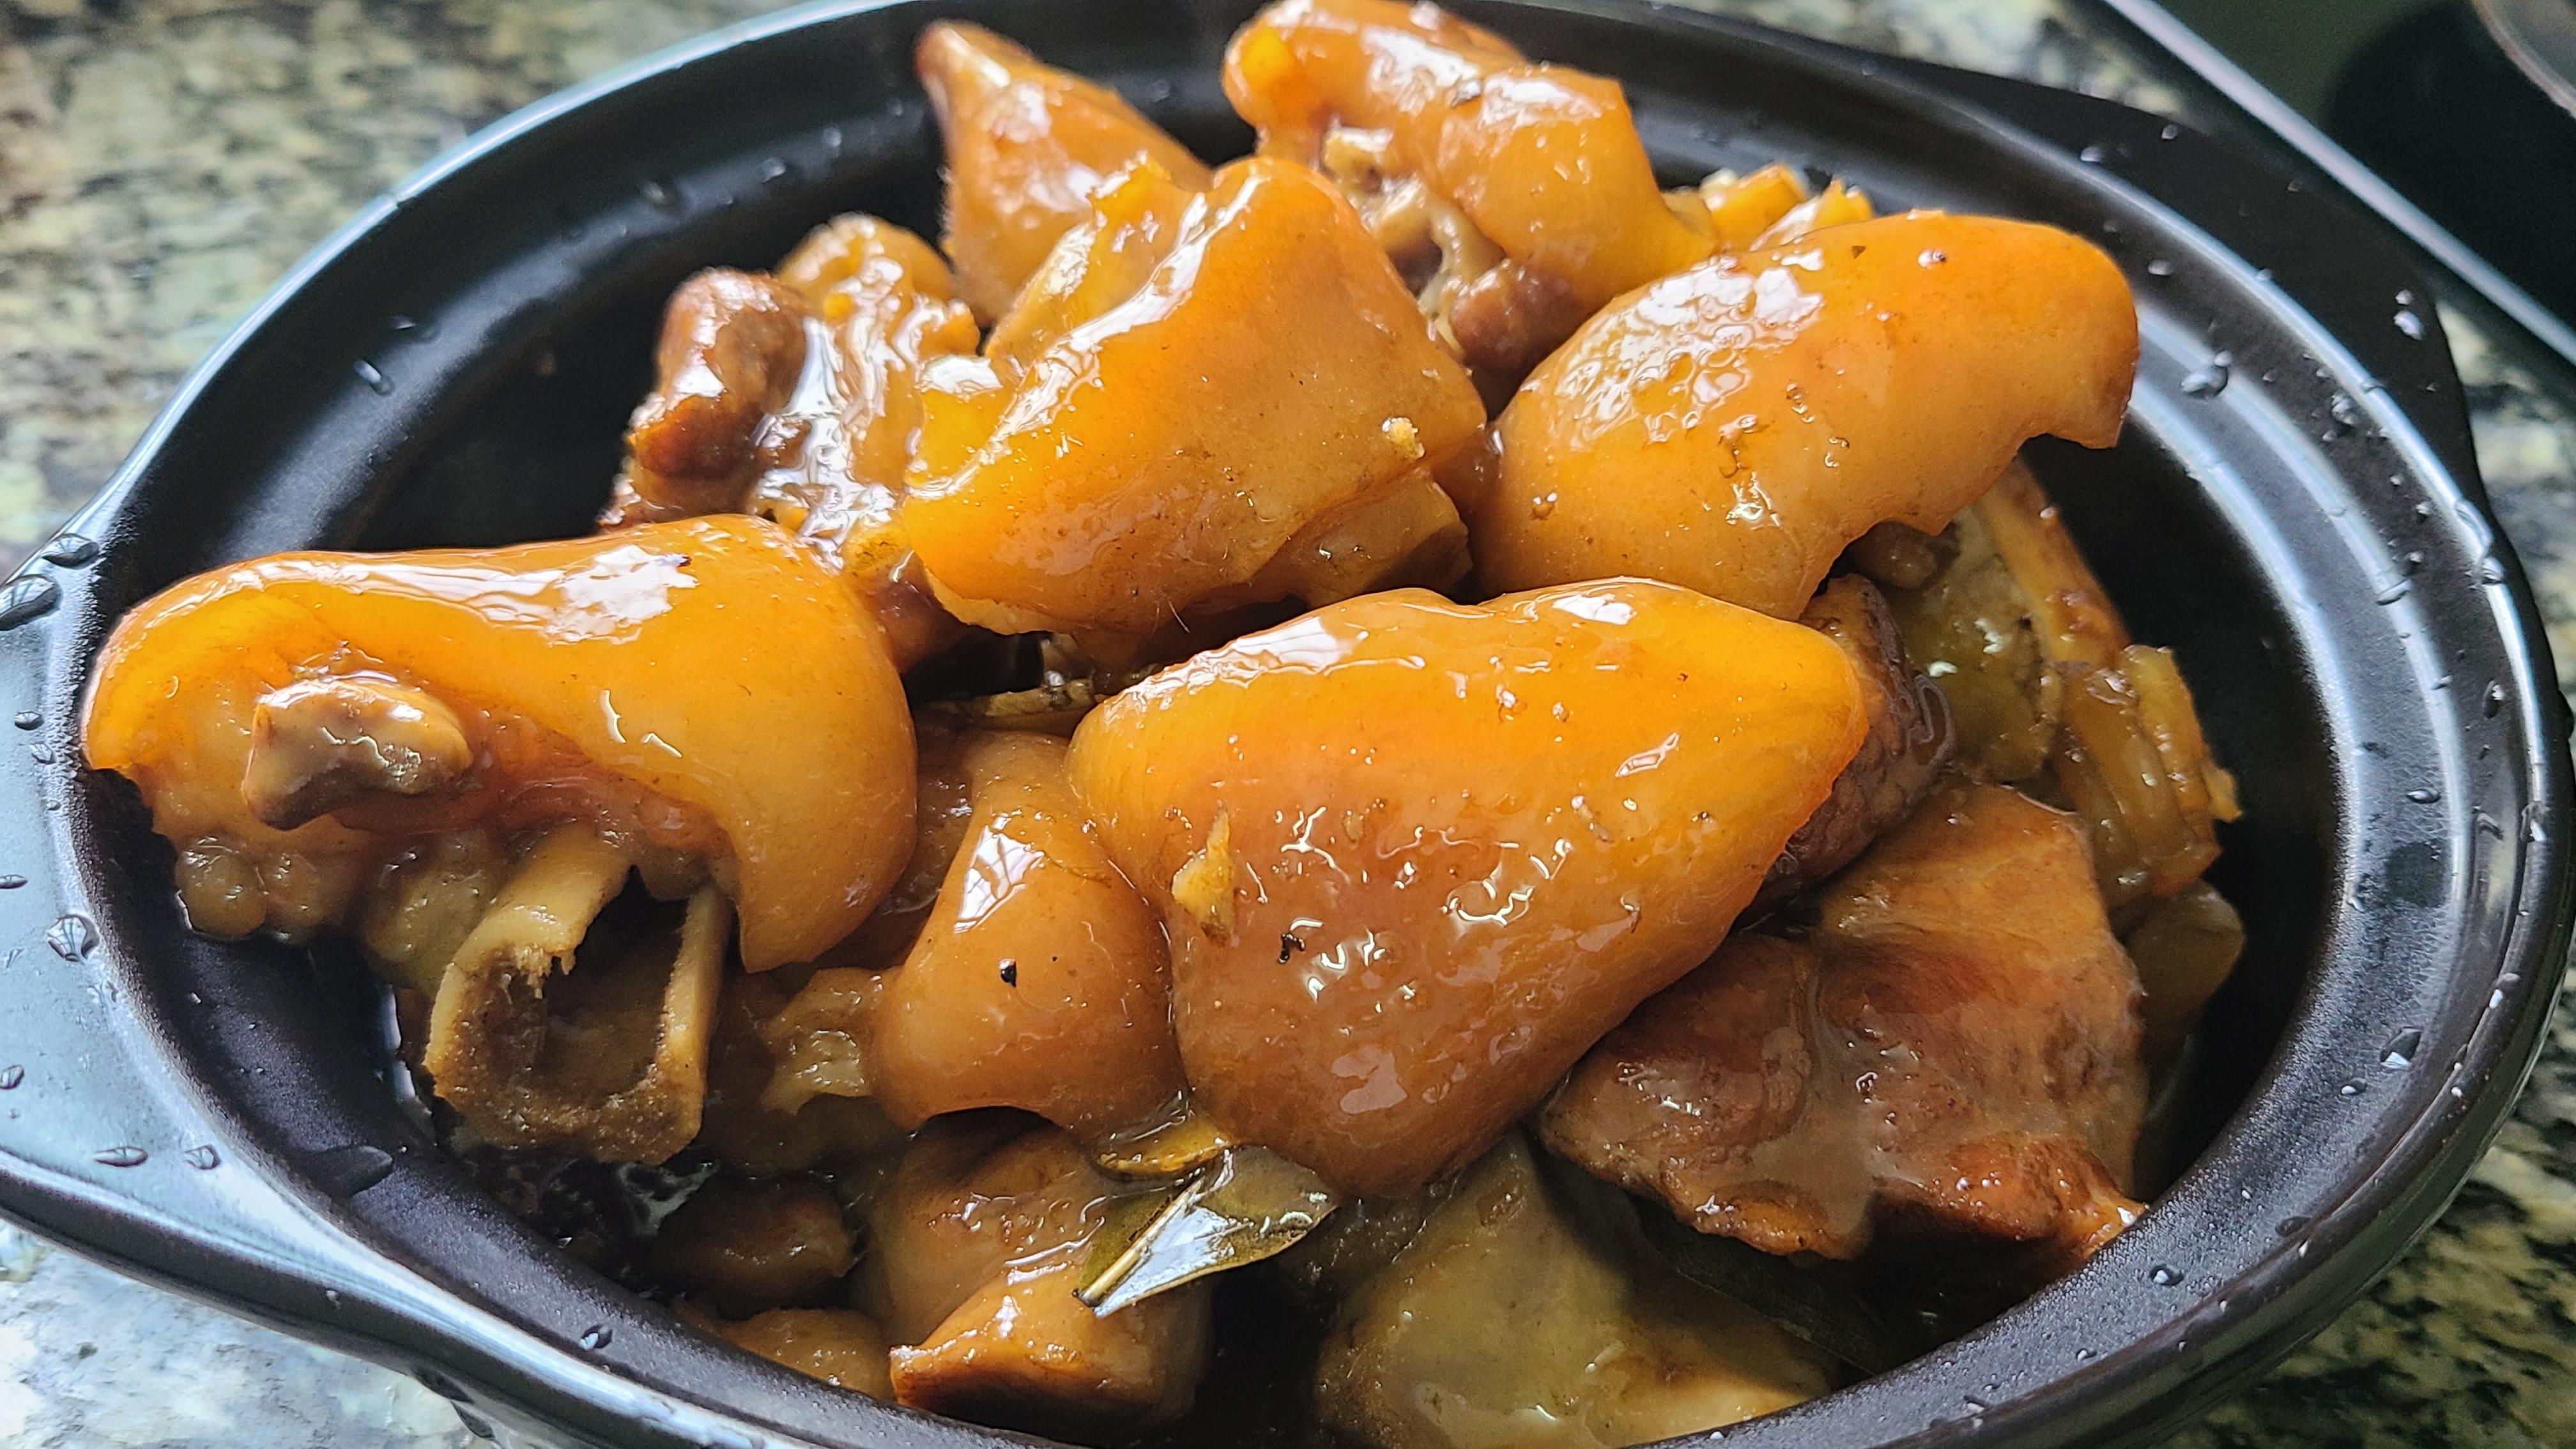 酸梅猪脚,我就喜欢这种做法,广东很好吃的一道菜,简单美味